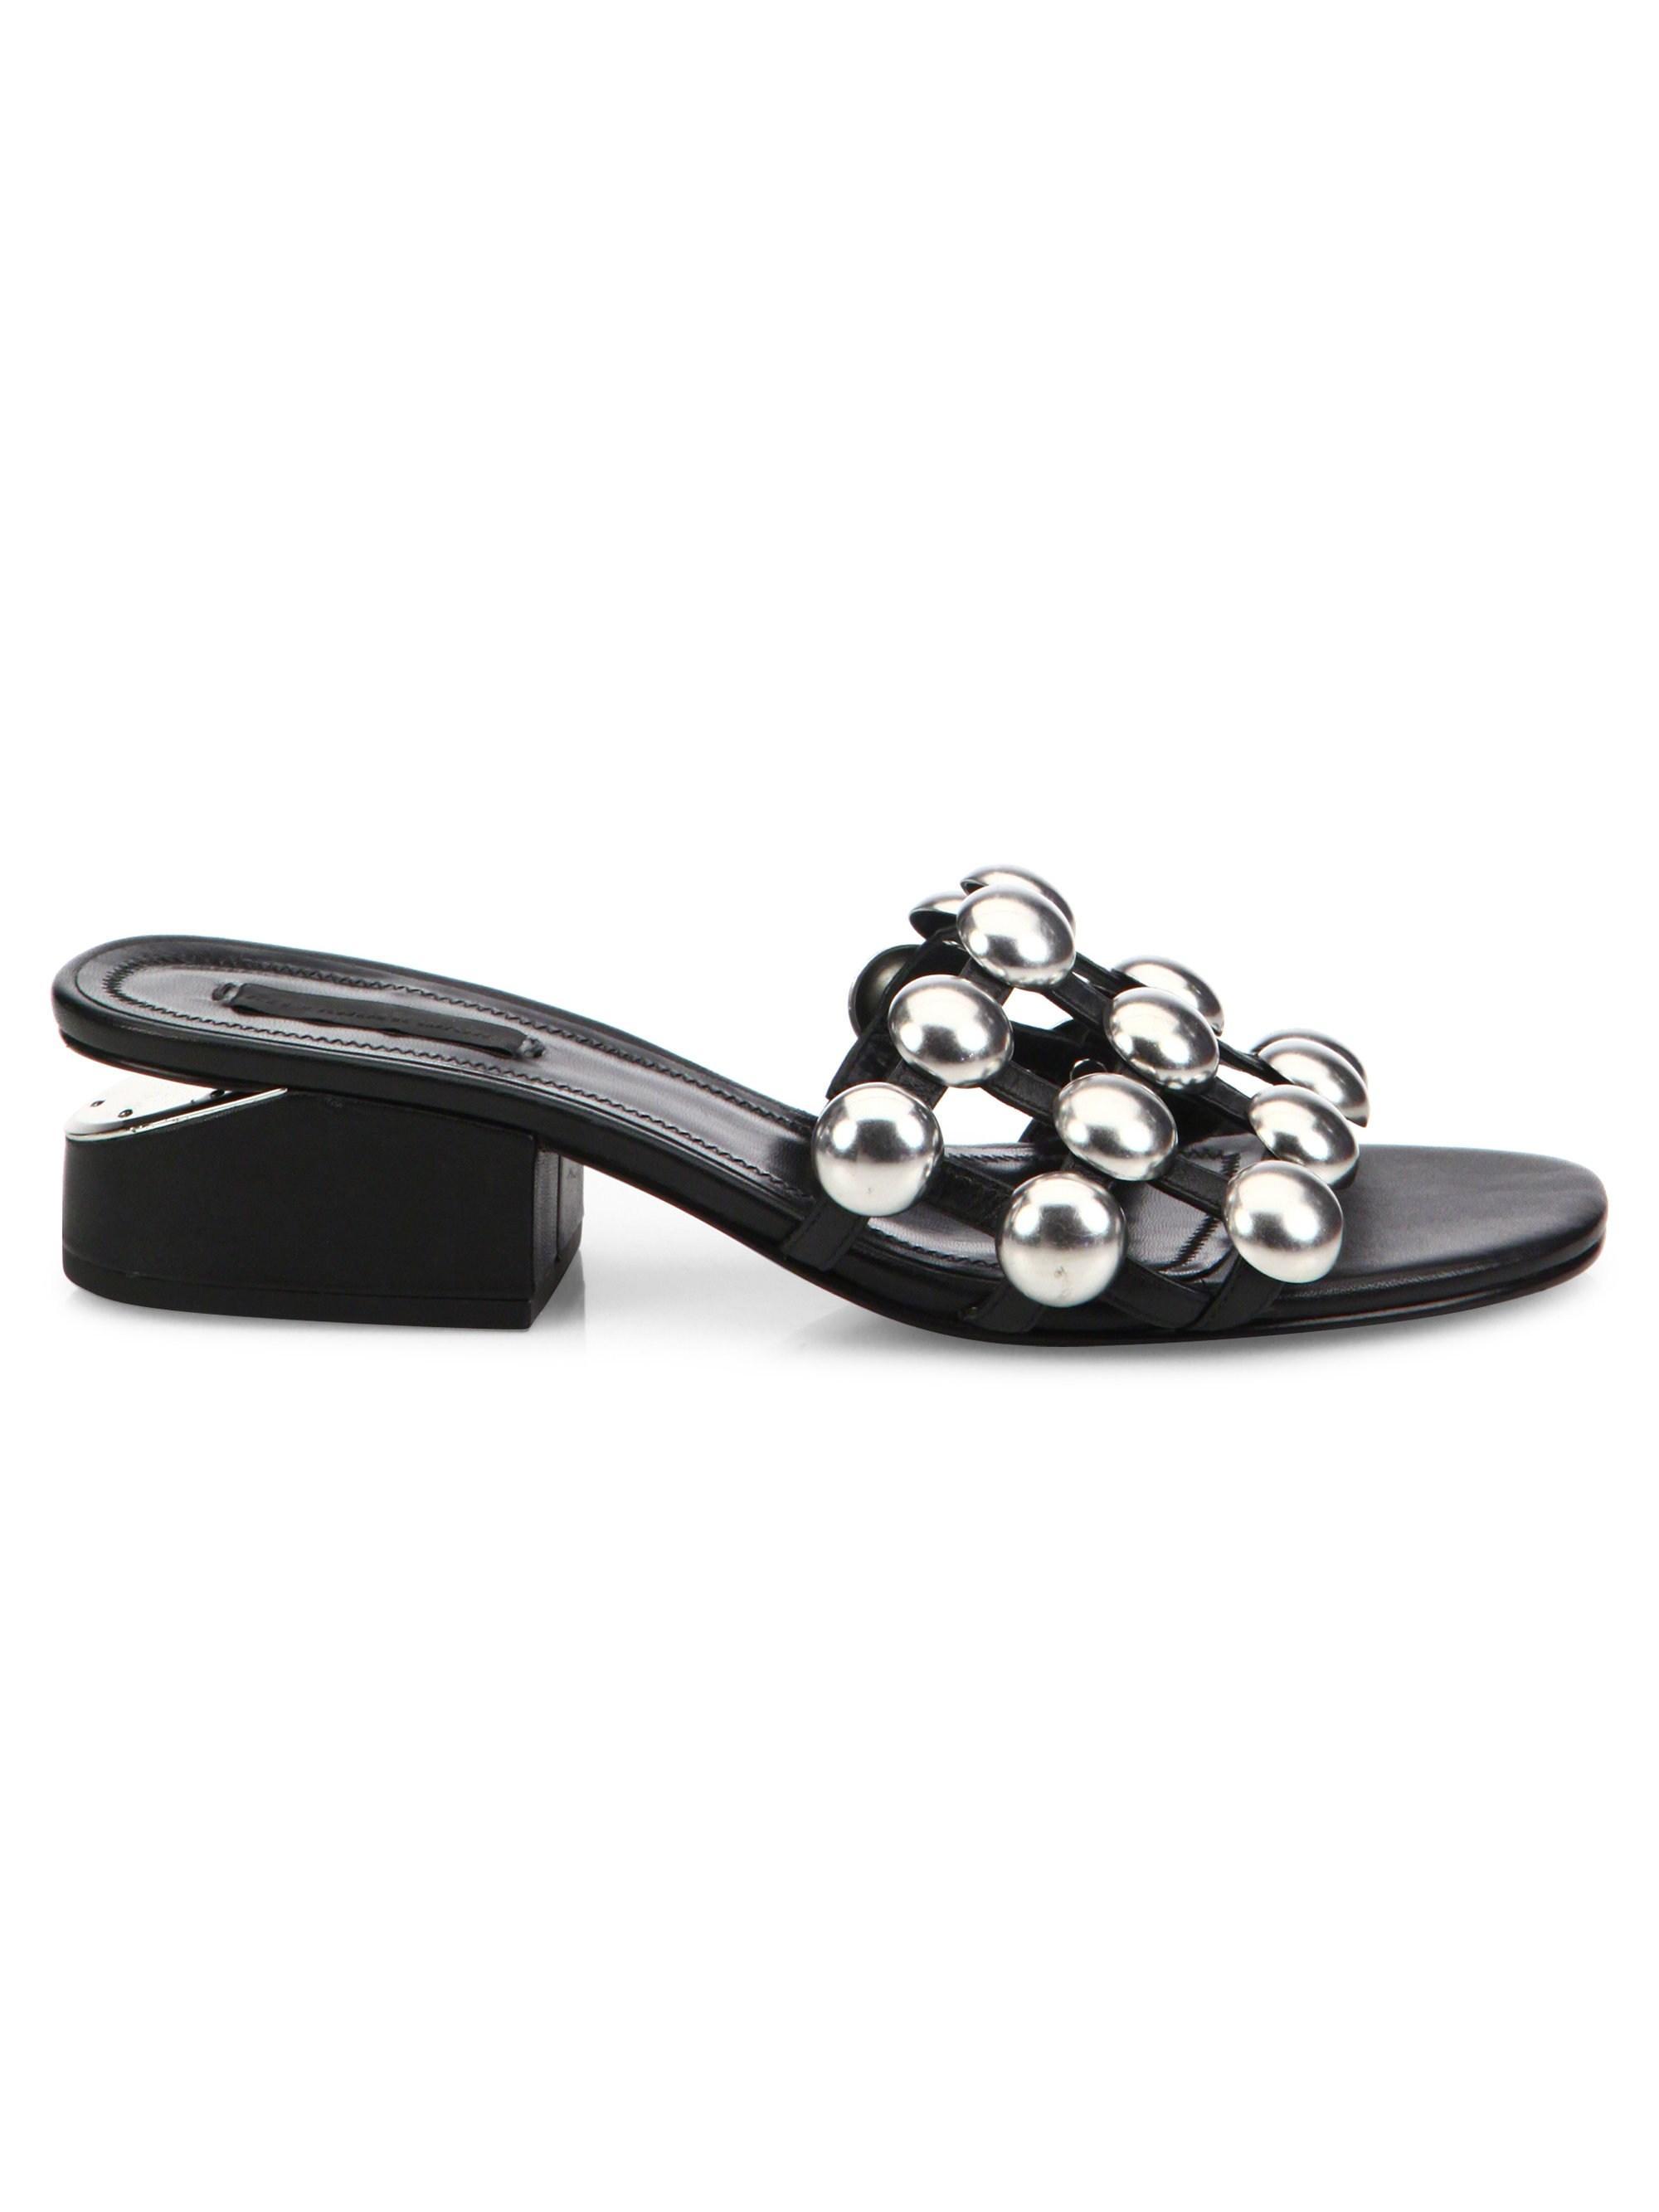 c5af0ad6073 Lyst - Alexander Wang Lou Tilt-heel Studded Leather Slides in Black